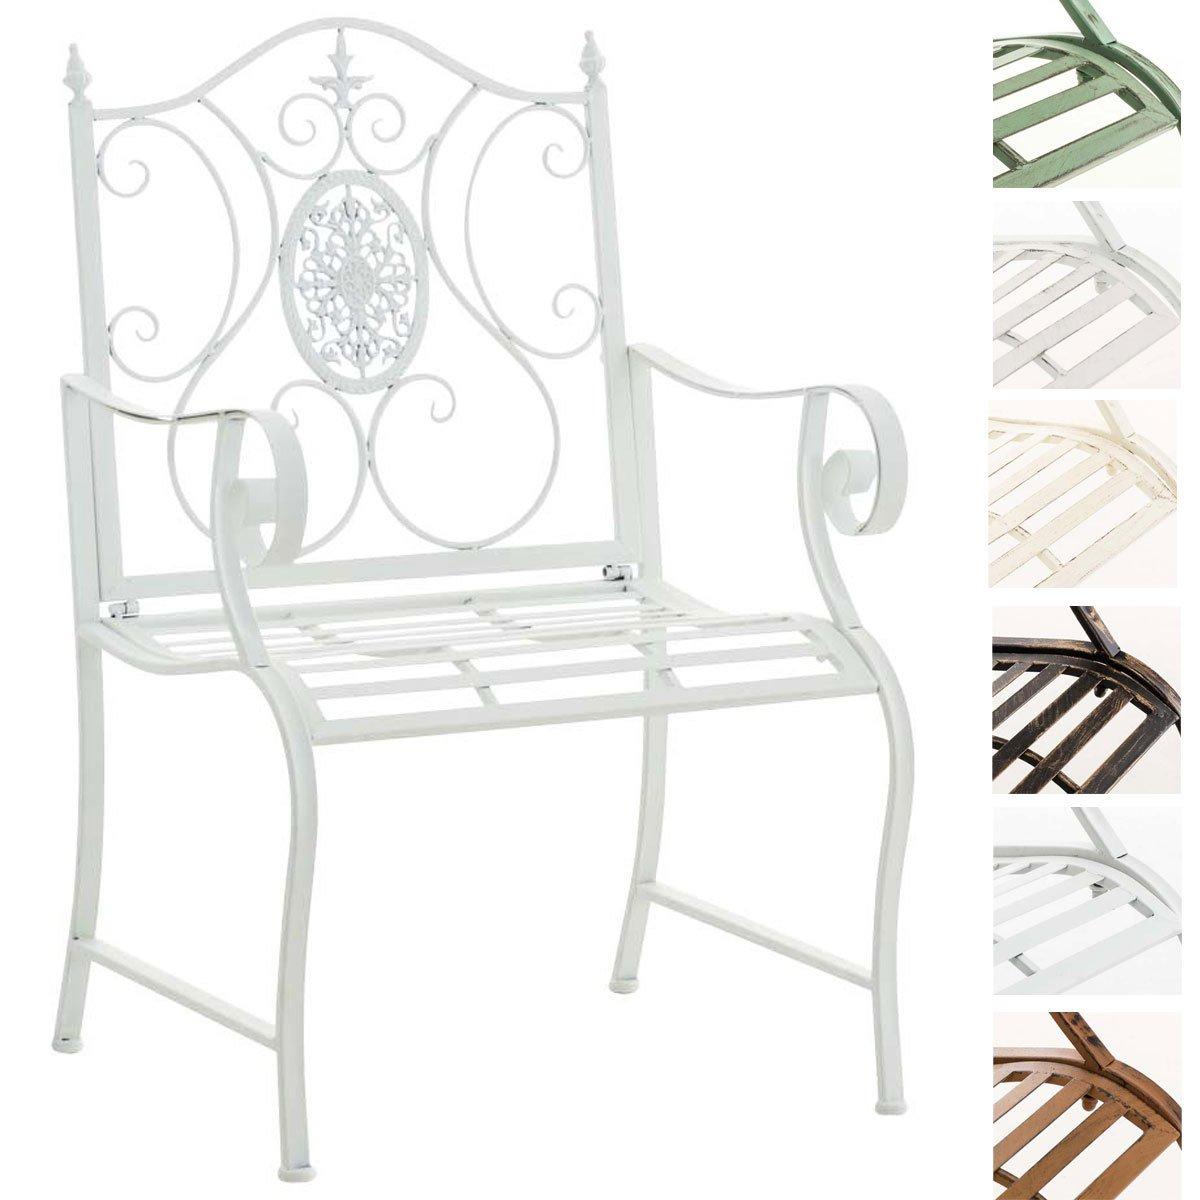 CLP Lackierter Eisen-Gartenstuhl Punjab mit Armlehne I Outdoor-Stuhl im Landhausstil I erhältlich Weiß